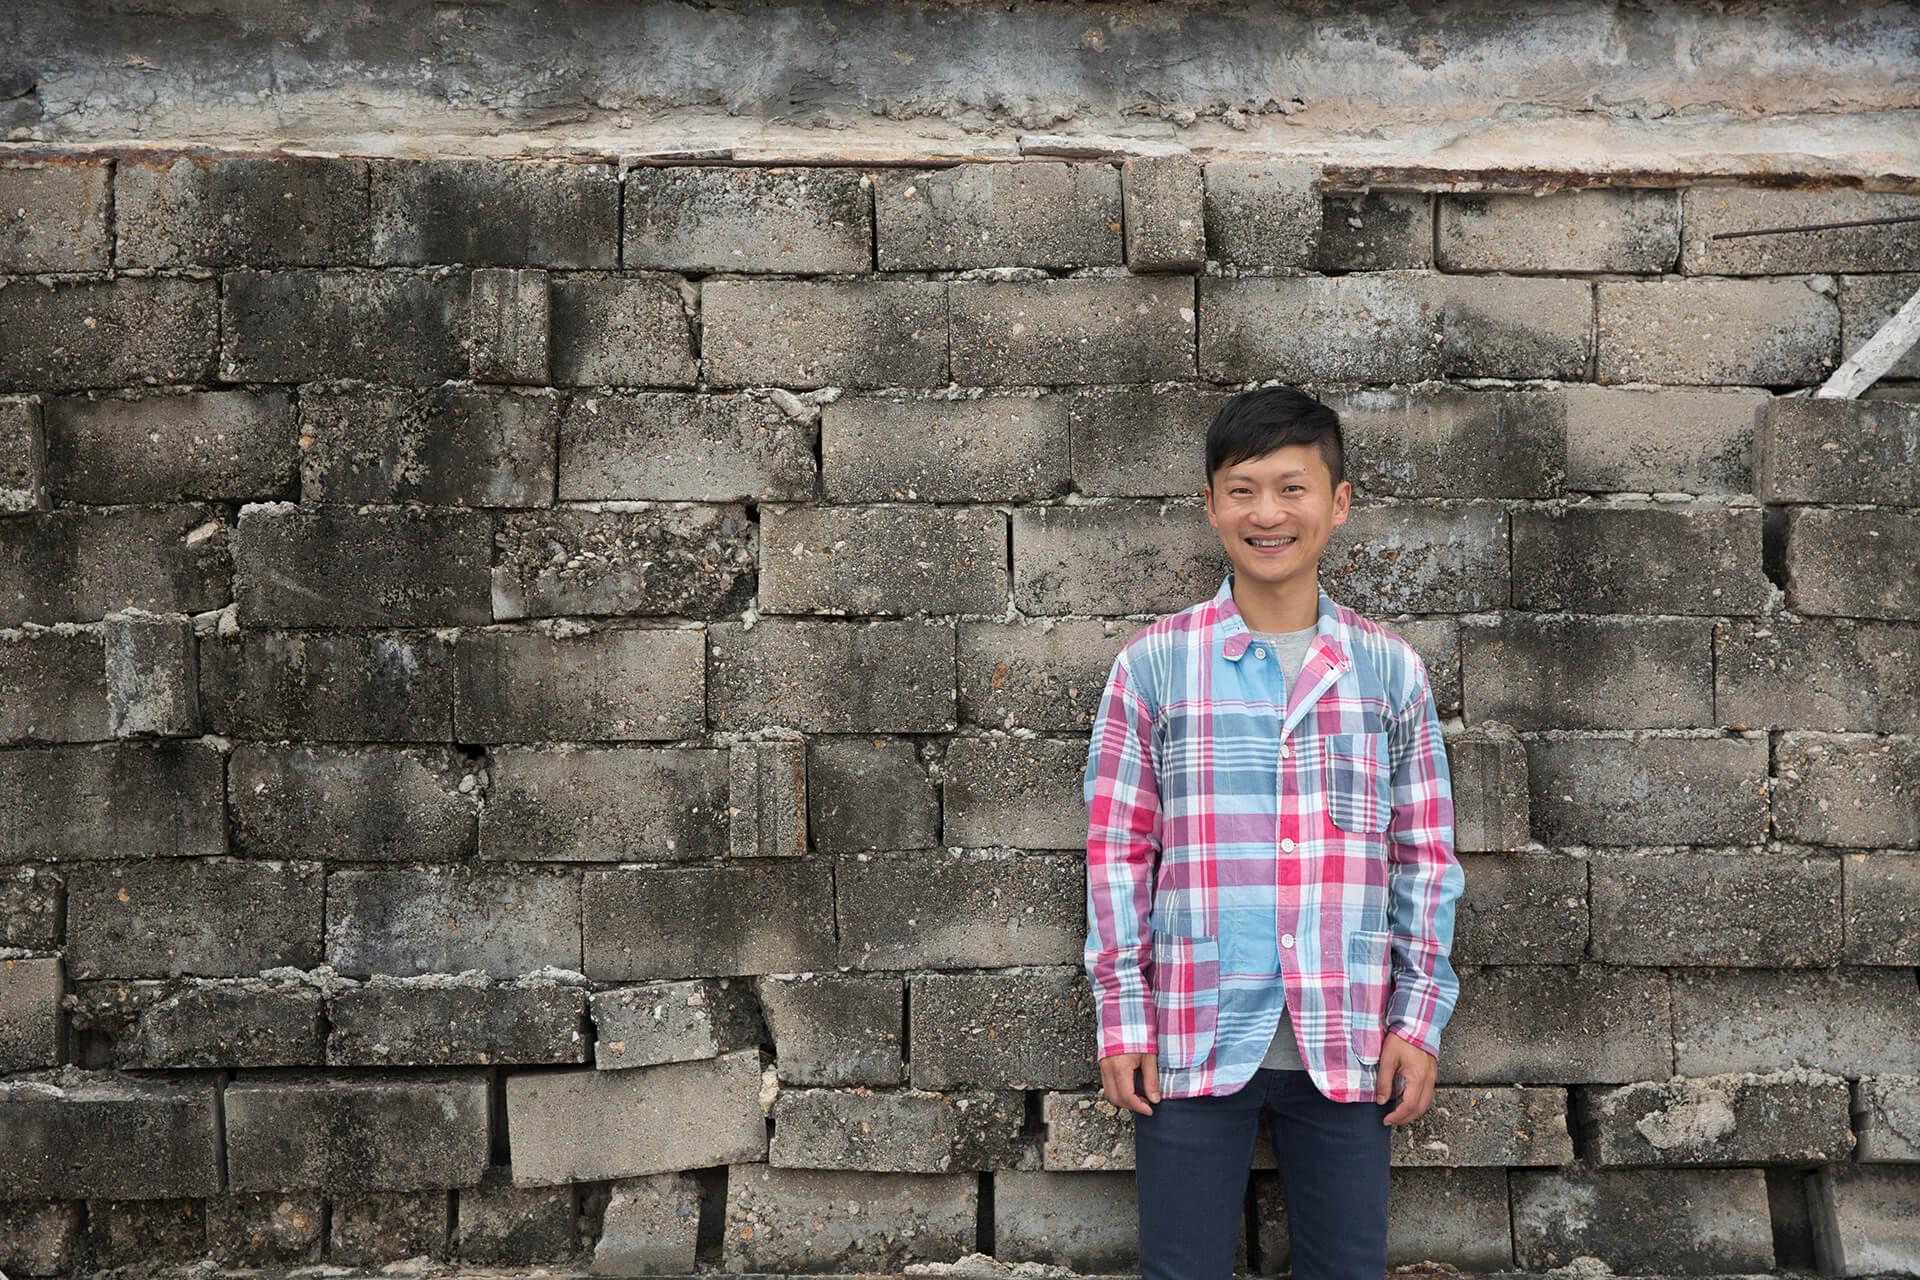 林一峰,熱愛旅遊的本地唱作人。2003年獨立發行首張粵語唱片《床頭歌》,其後推出過四張以旅遊為主題的《Travelogue》系列專輯。今年六月,將與香港中樂團合辦音樂會,用音樂帶觀眾旅遊。